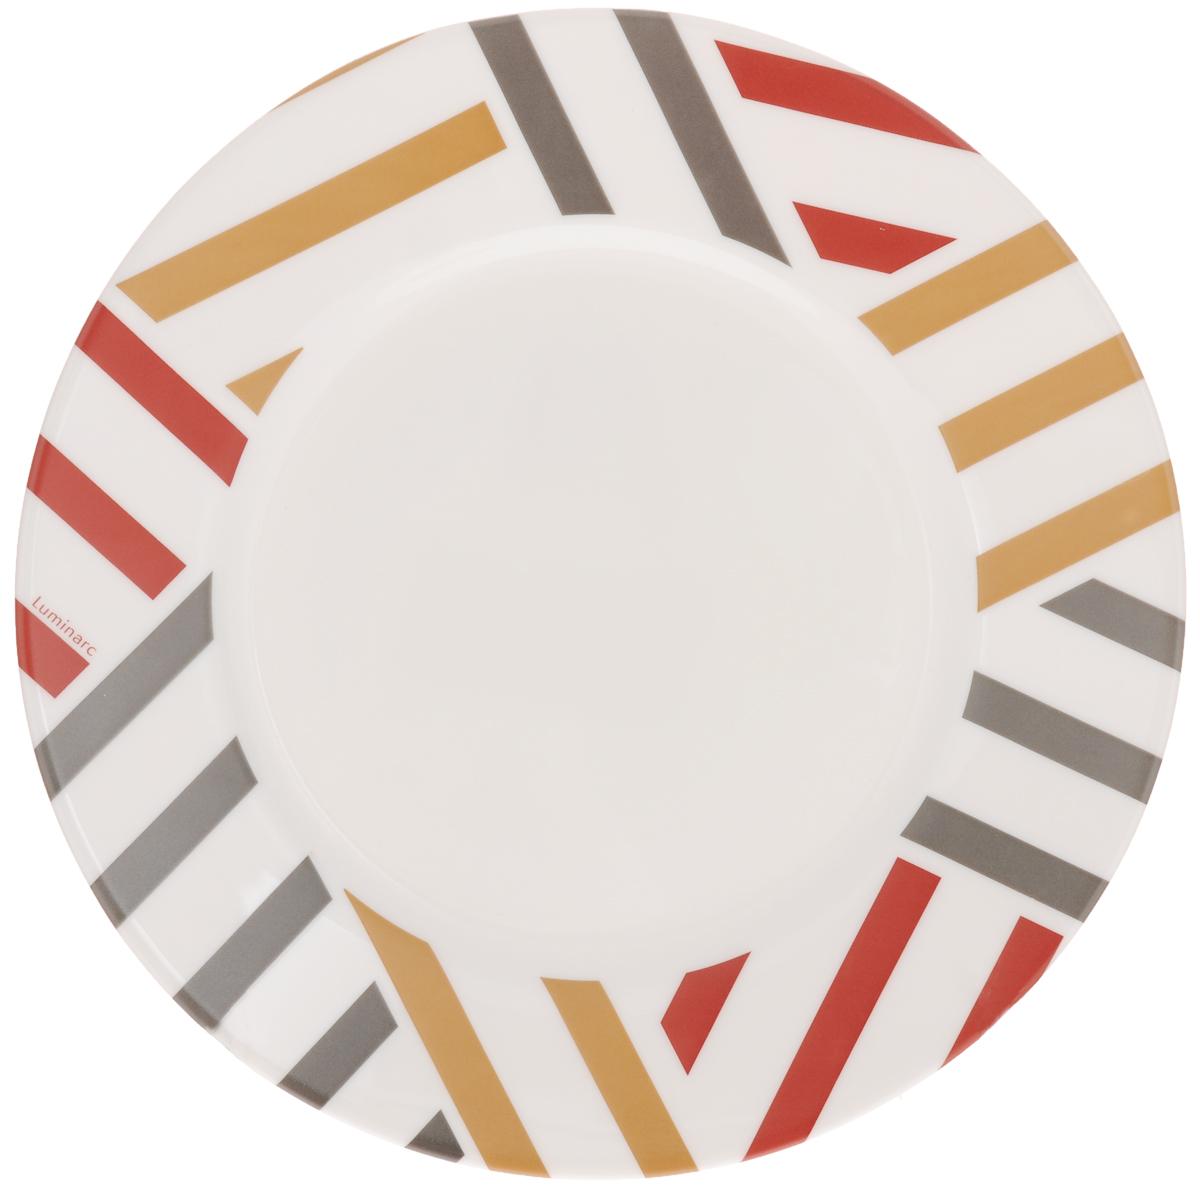 Тарелка десертная Luminarc Balnea, диаметр 19 смH2473Десертная тарелка Luminarc Balnea изготовлена из ударопрочного стекла. Такая тарелка прекрасно подходит как для торжественных случаев, так и для повседневного использования. Идеальна для подачи десертов, пирожных, тортов и многого другого. Она прекрасно оформит стол и станет отличным дополнением к вашей коллекции кухонной посуды. Диаметр тарелки (по верхнему краю): 19 см.